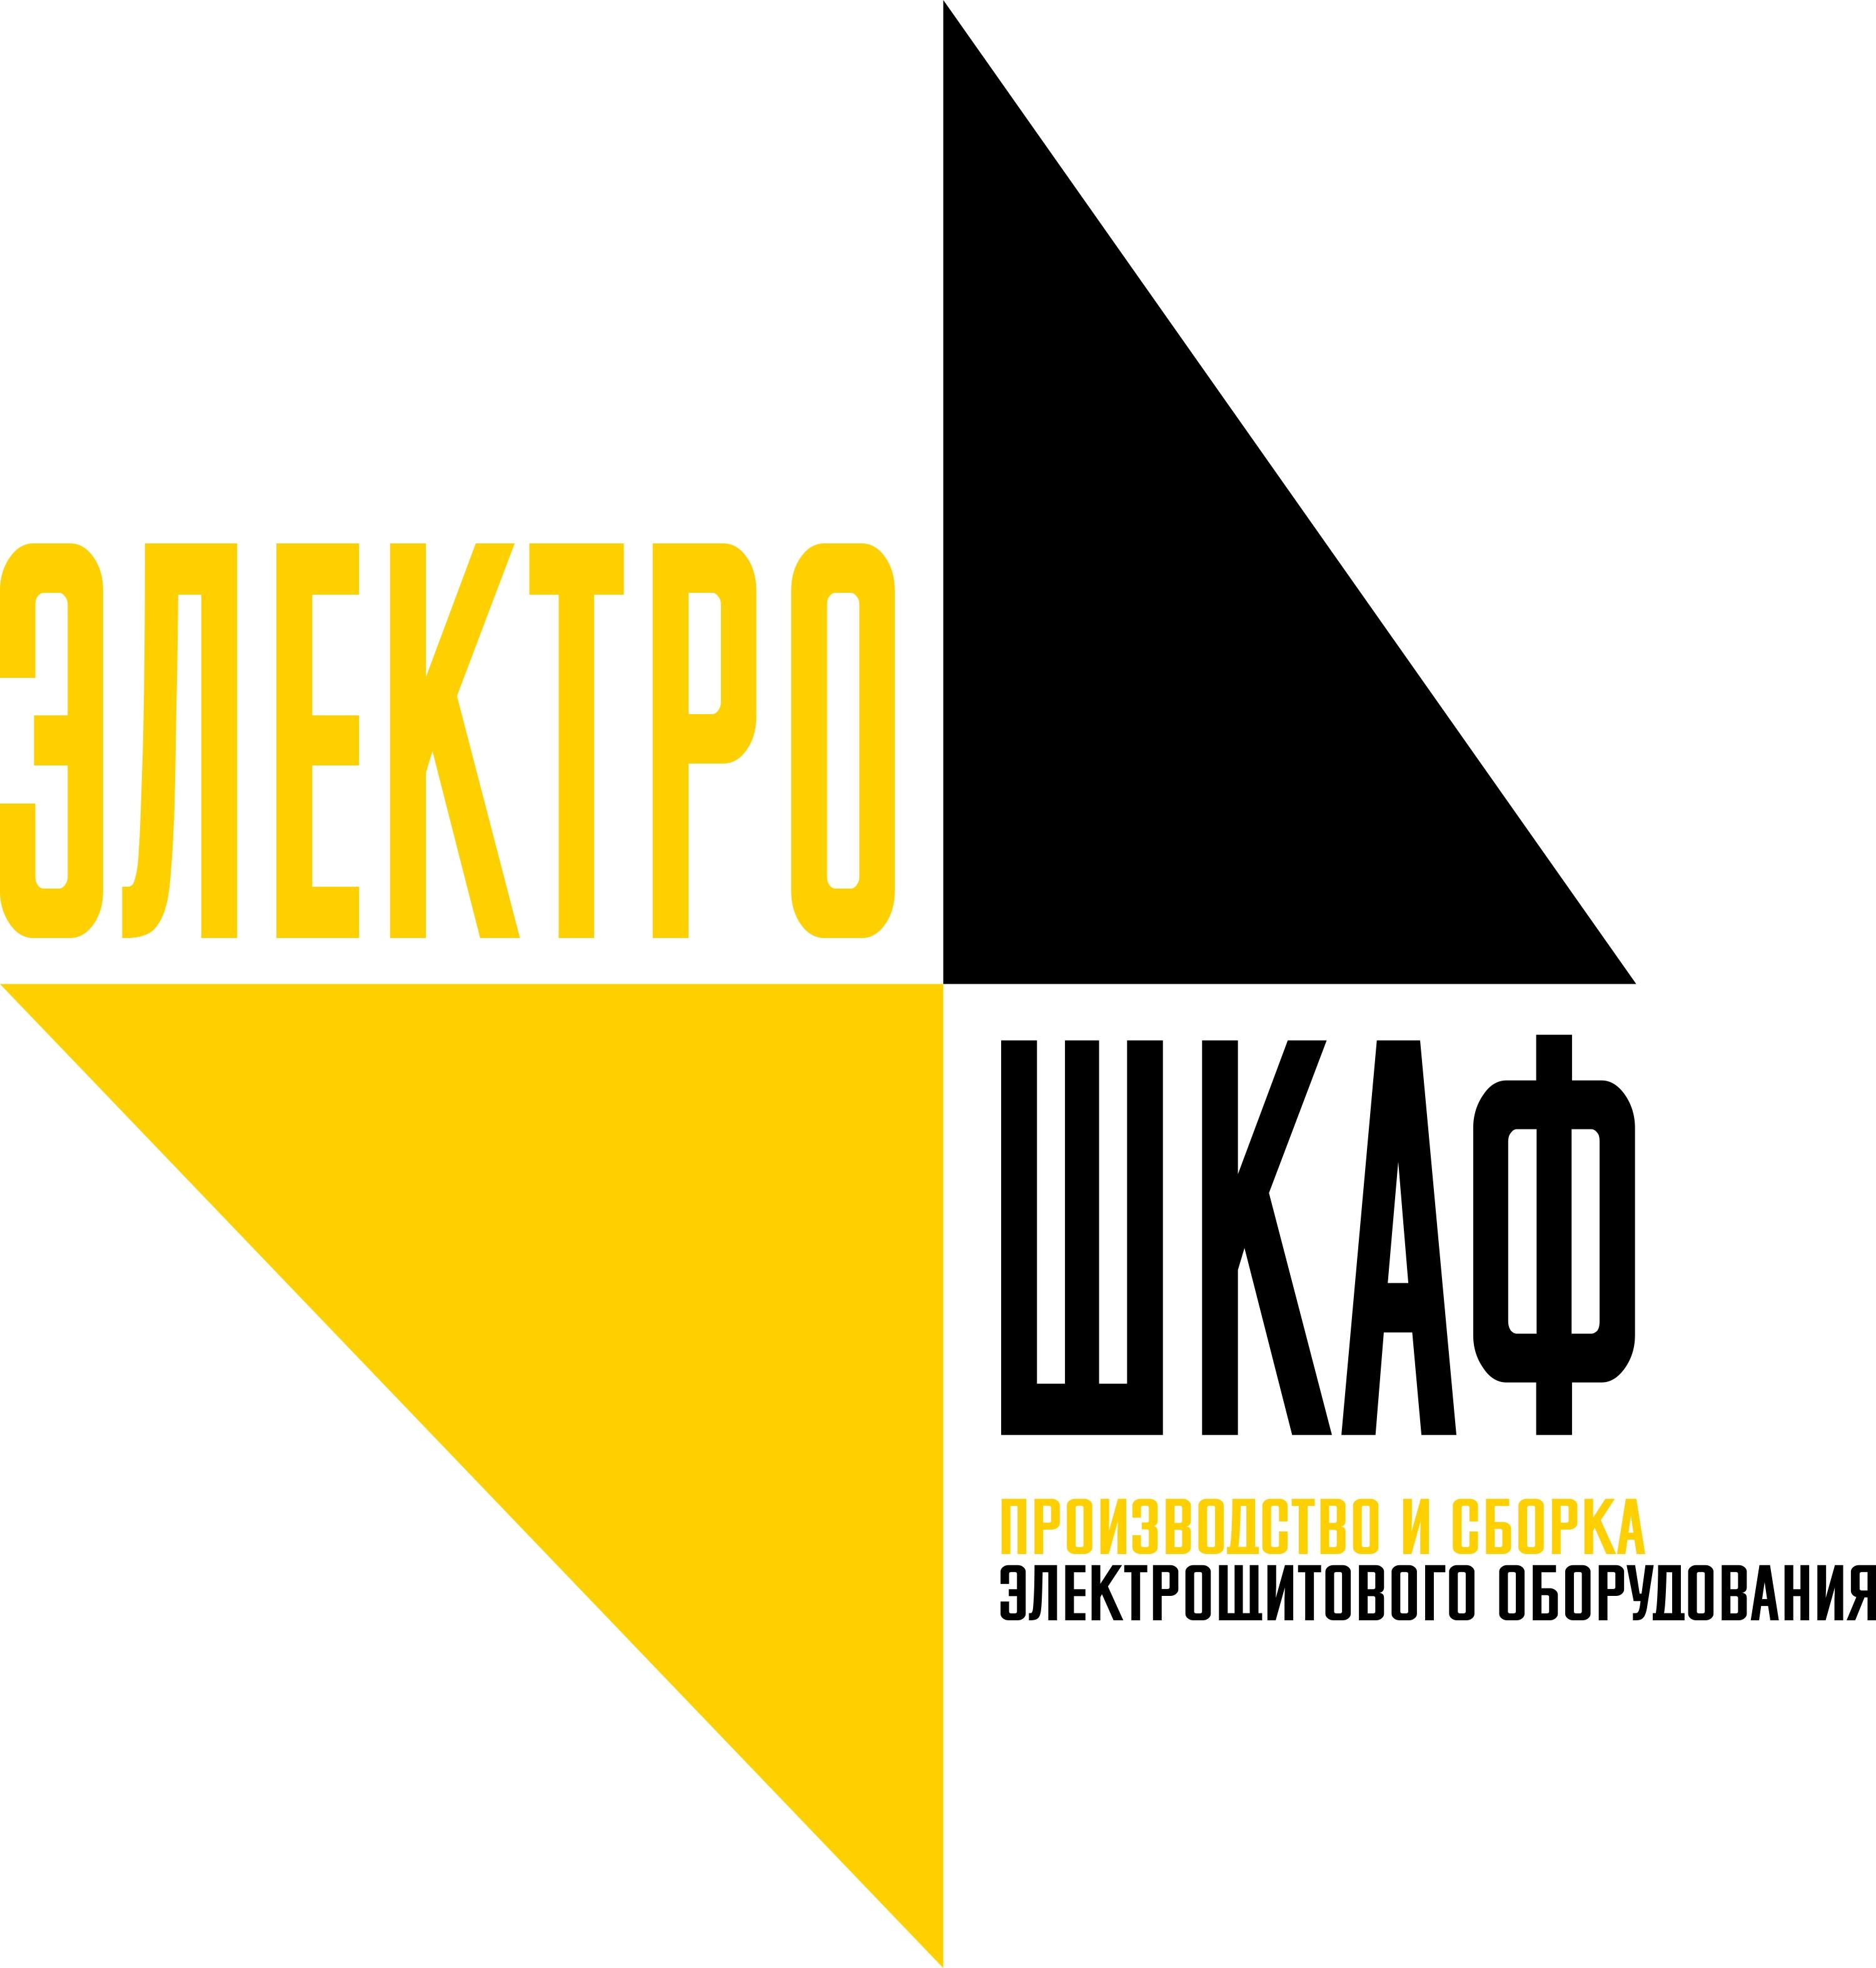 Разработать логотип для завода по производству электрощитов фото f_6435b71888472dfd.jpg